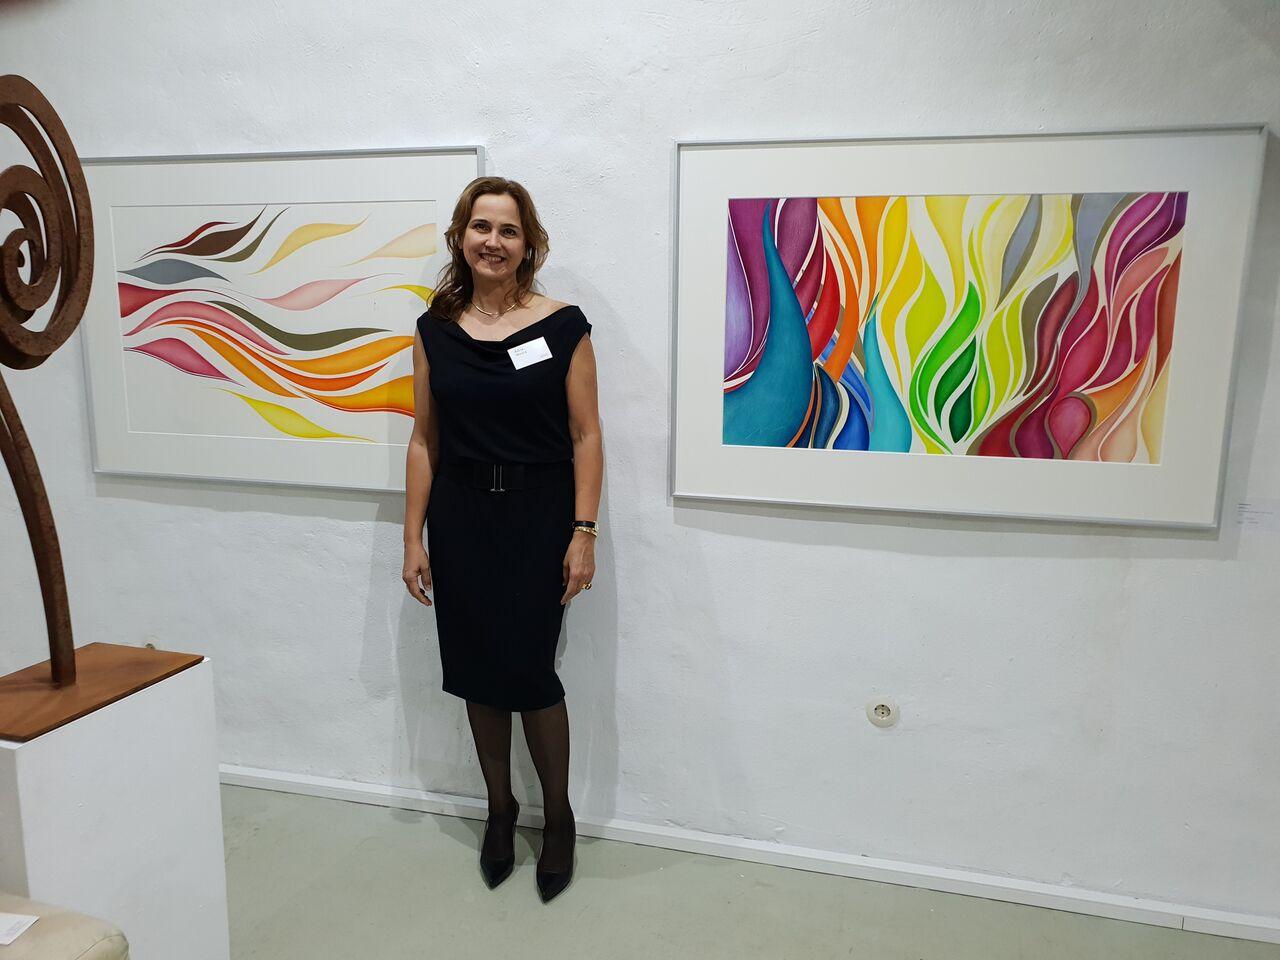 Ausstellung bei Galerie m Beck in Homburg Deutschland - 2018